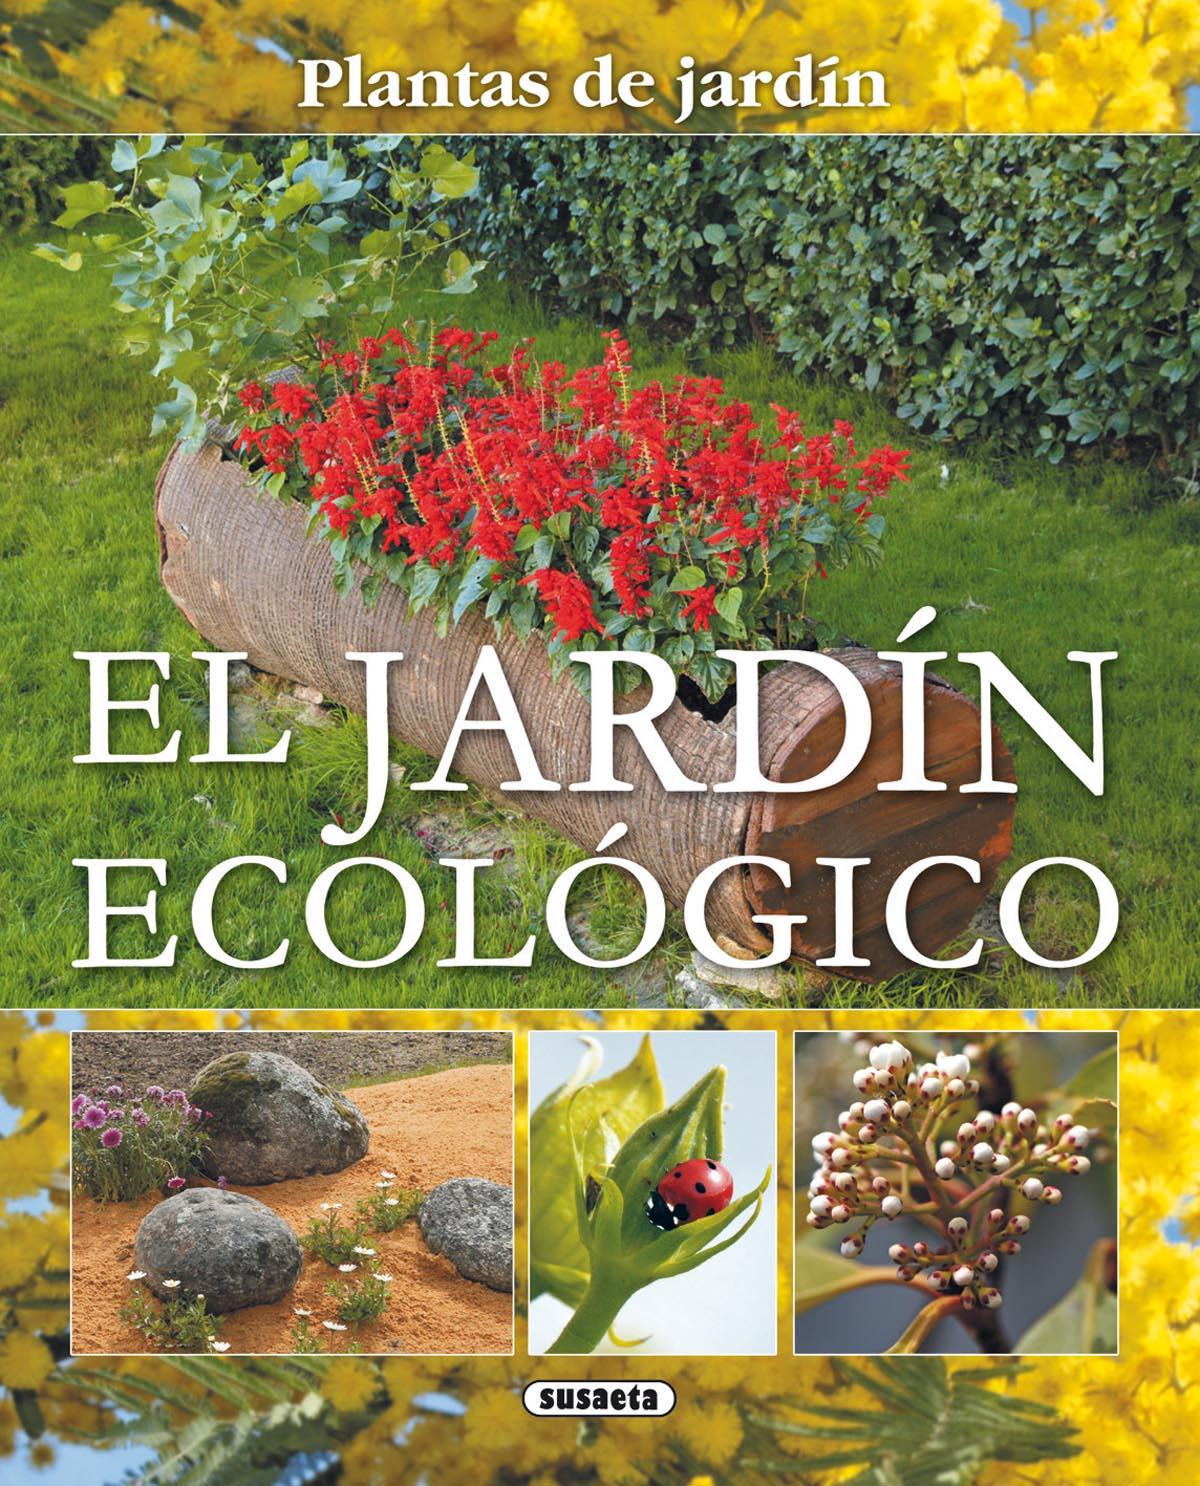 El jard¡n ecológico 9788467703061